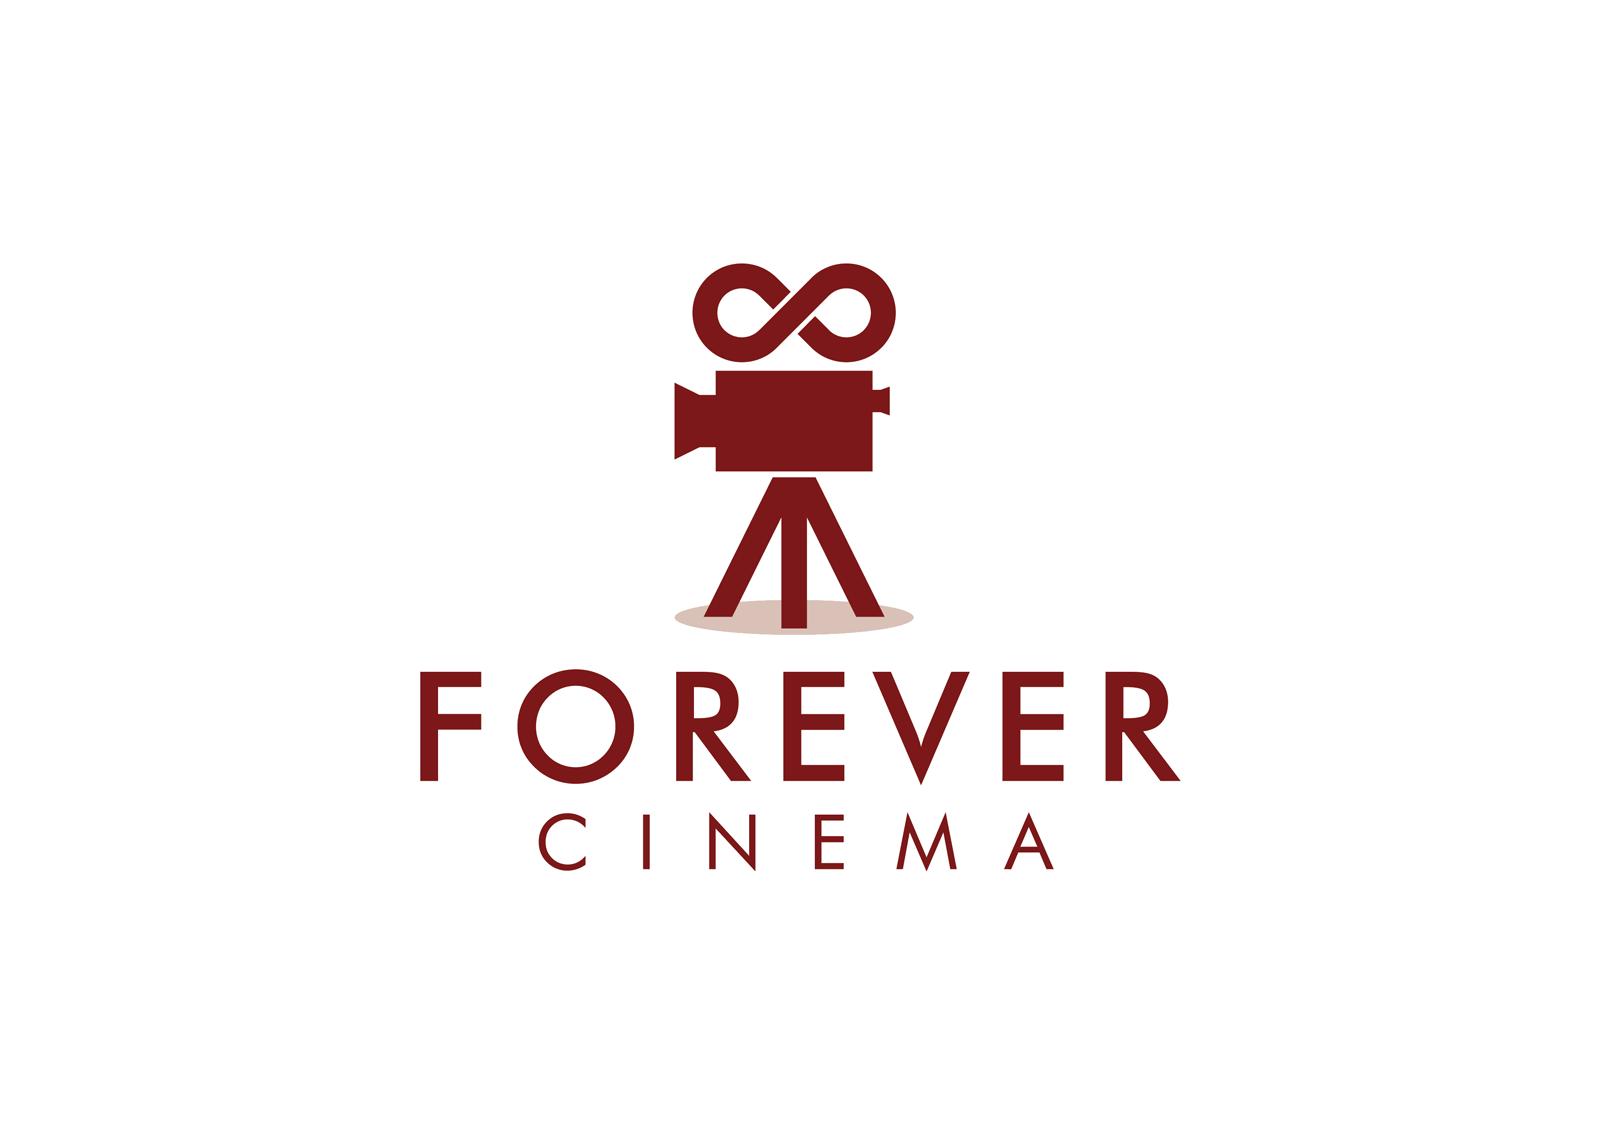 Cinema Logo Google Search Logo Google Logos Logos Design